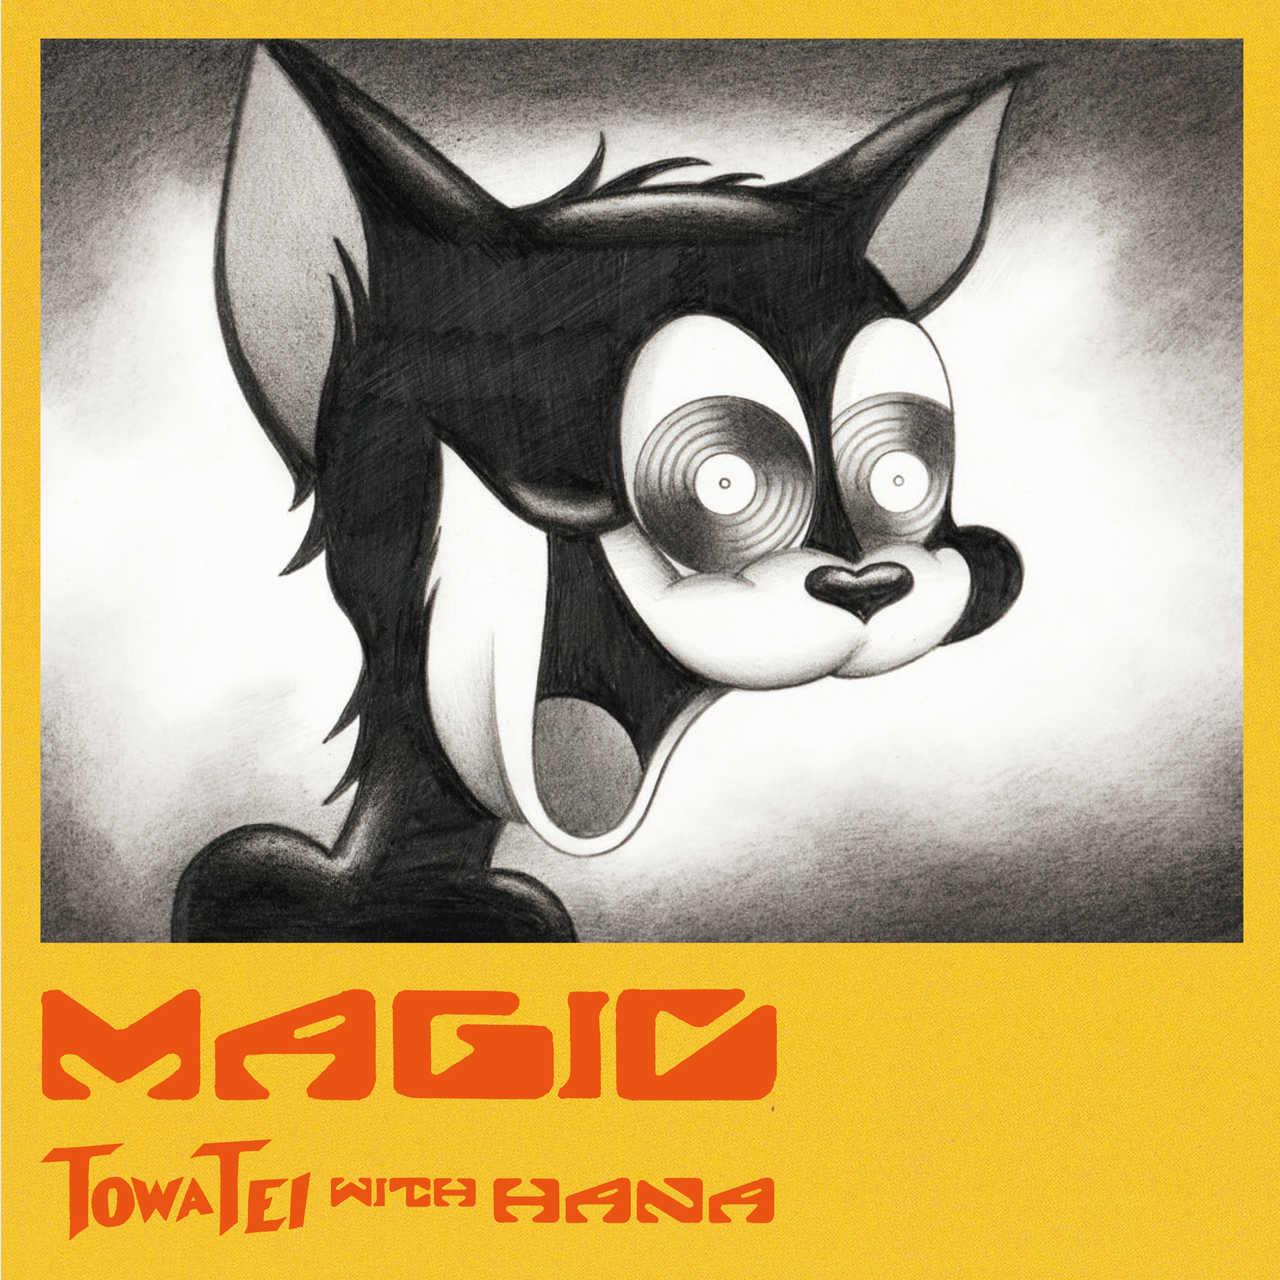 限定EP盤『MAGIC』(7inchi アナログ)